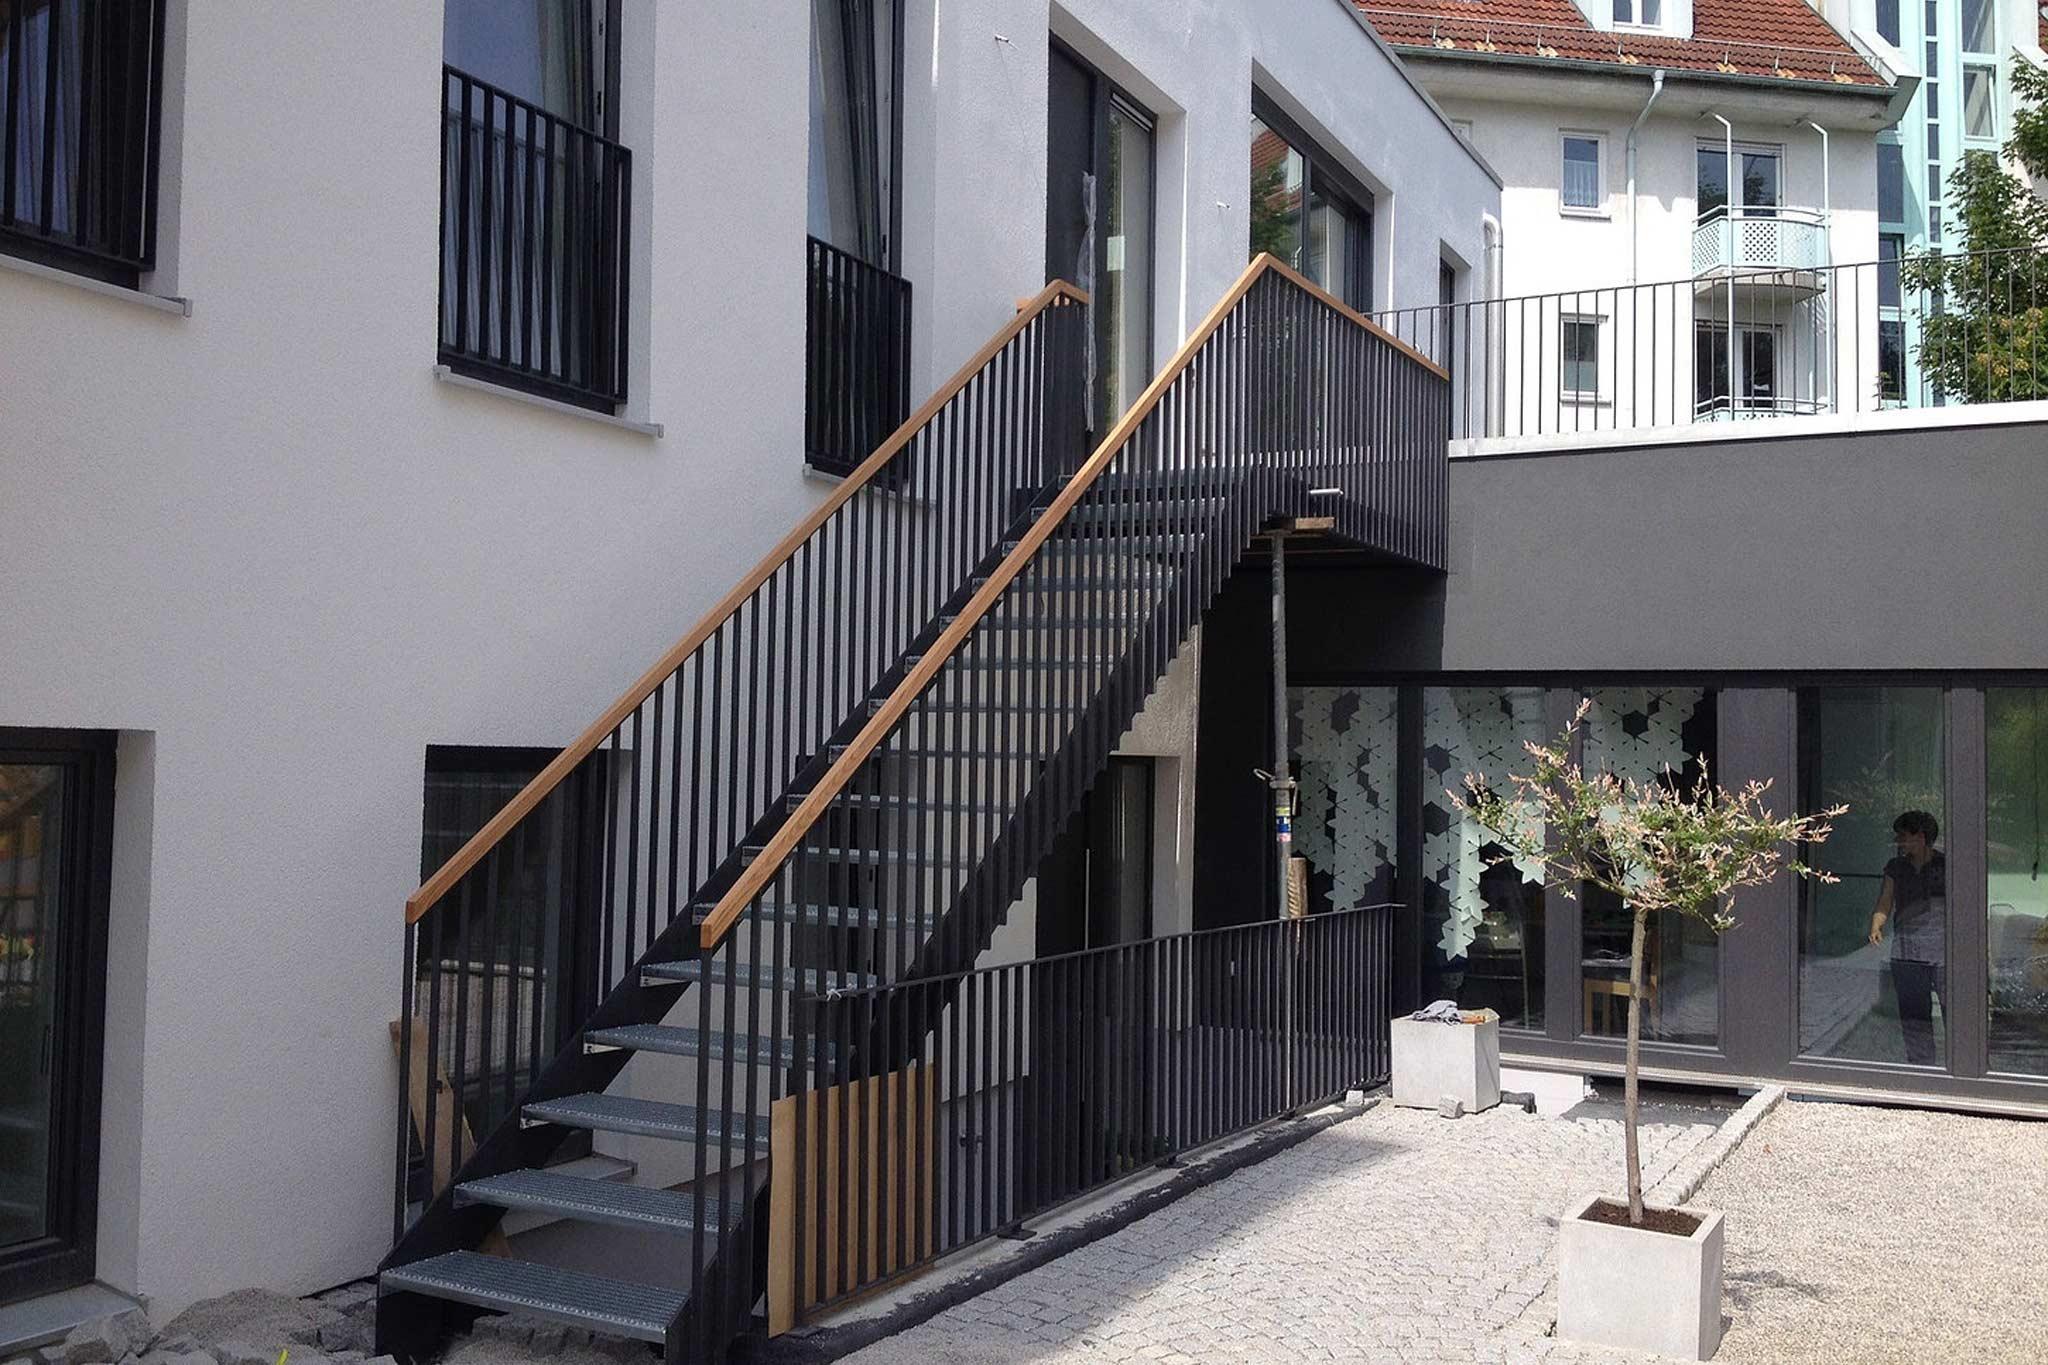 Sarger Architekten: Umbau und Sanierung einer ehemaligen Reinigung in München zu zwei Wohneinheiten